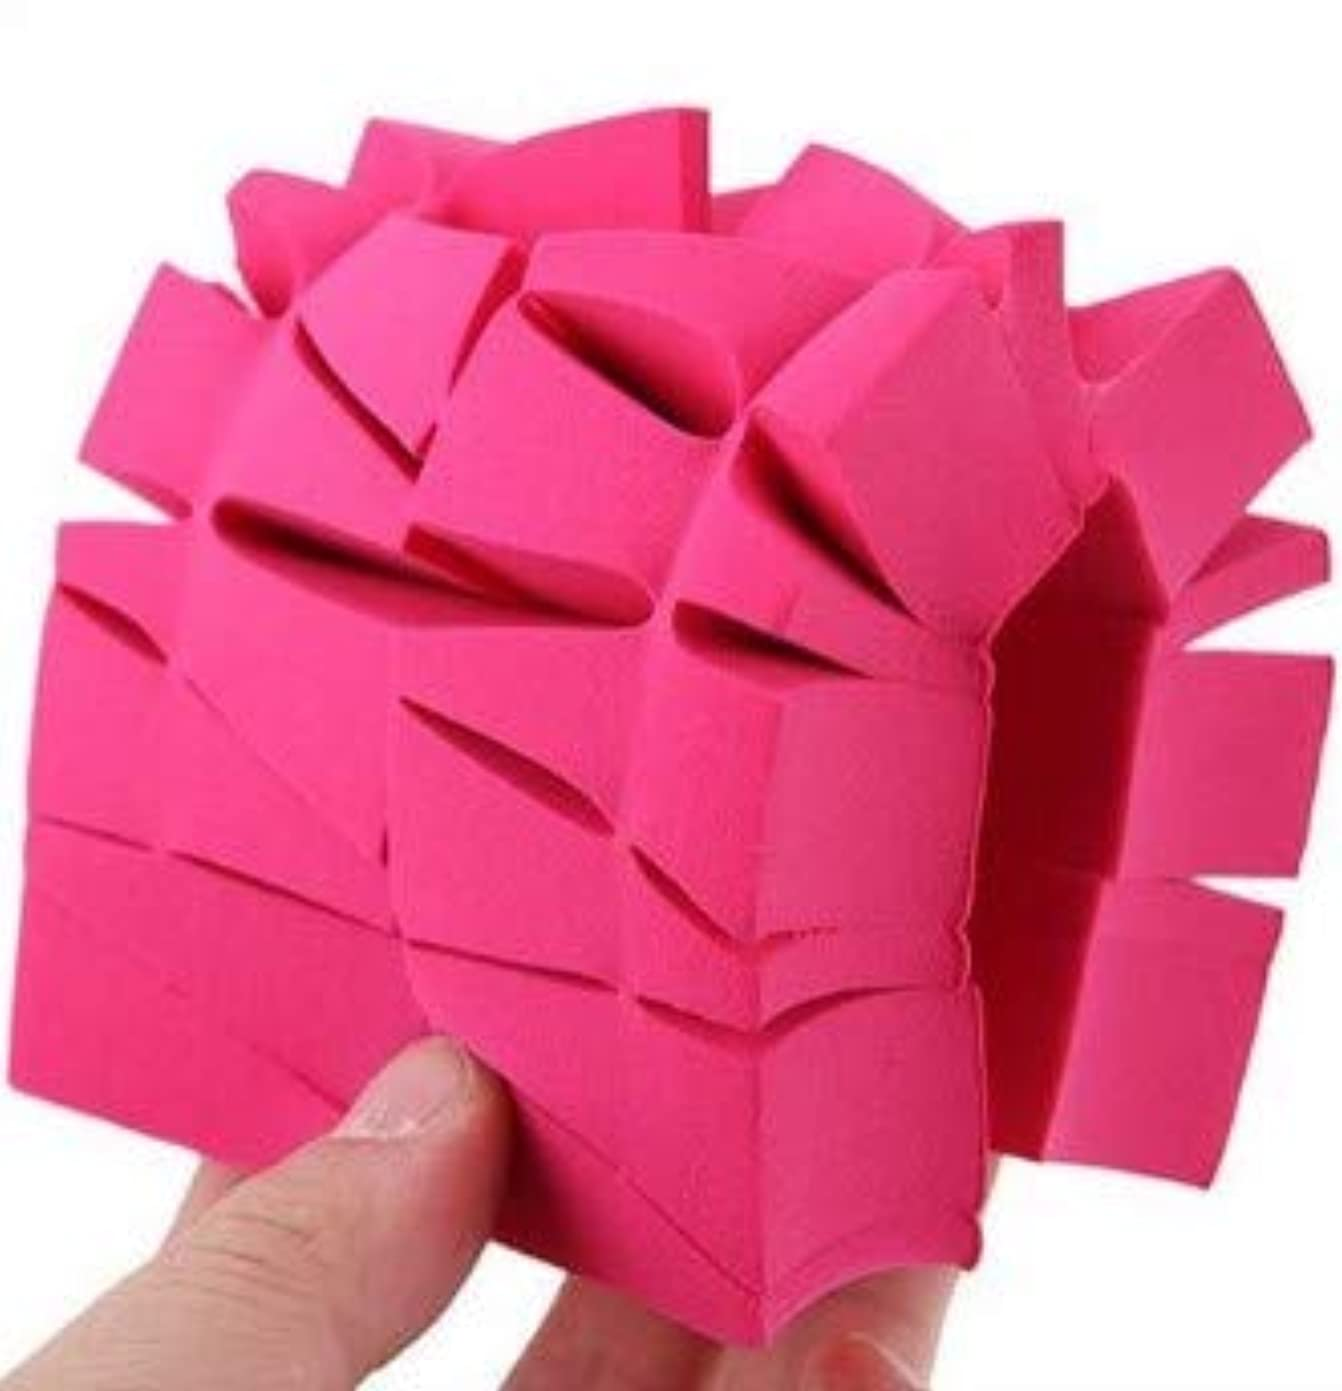 哲学写真を撮る受動的Giikkl 三角化粧品パフスポンジ 購入へようこそ (Color : Rose red)